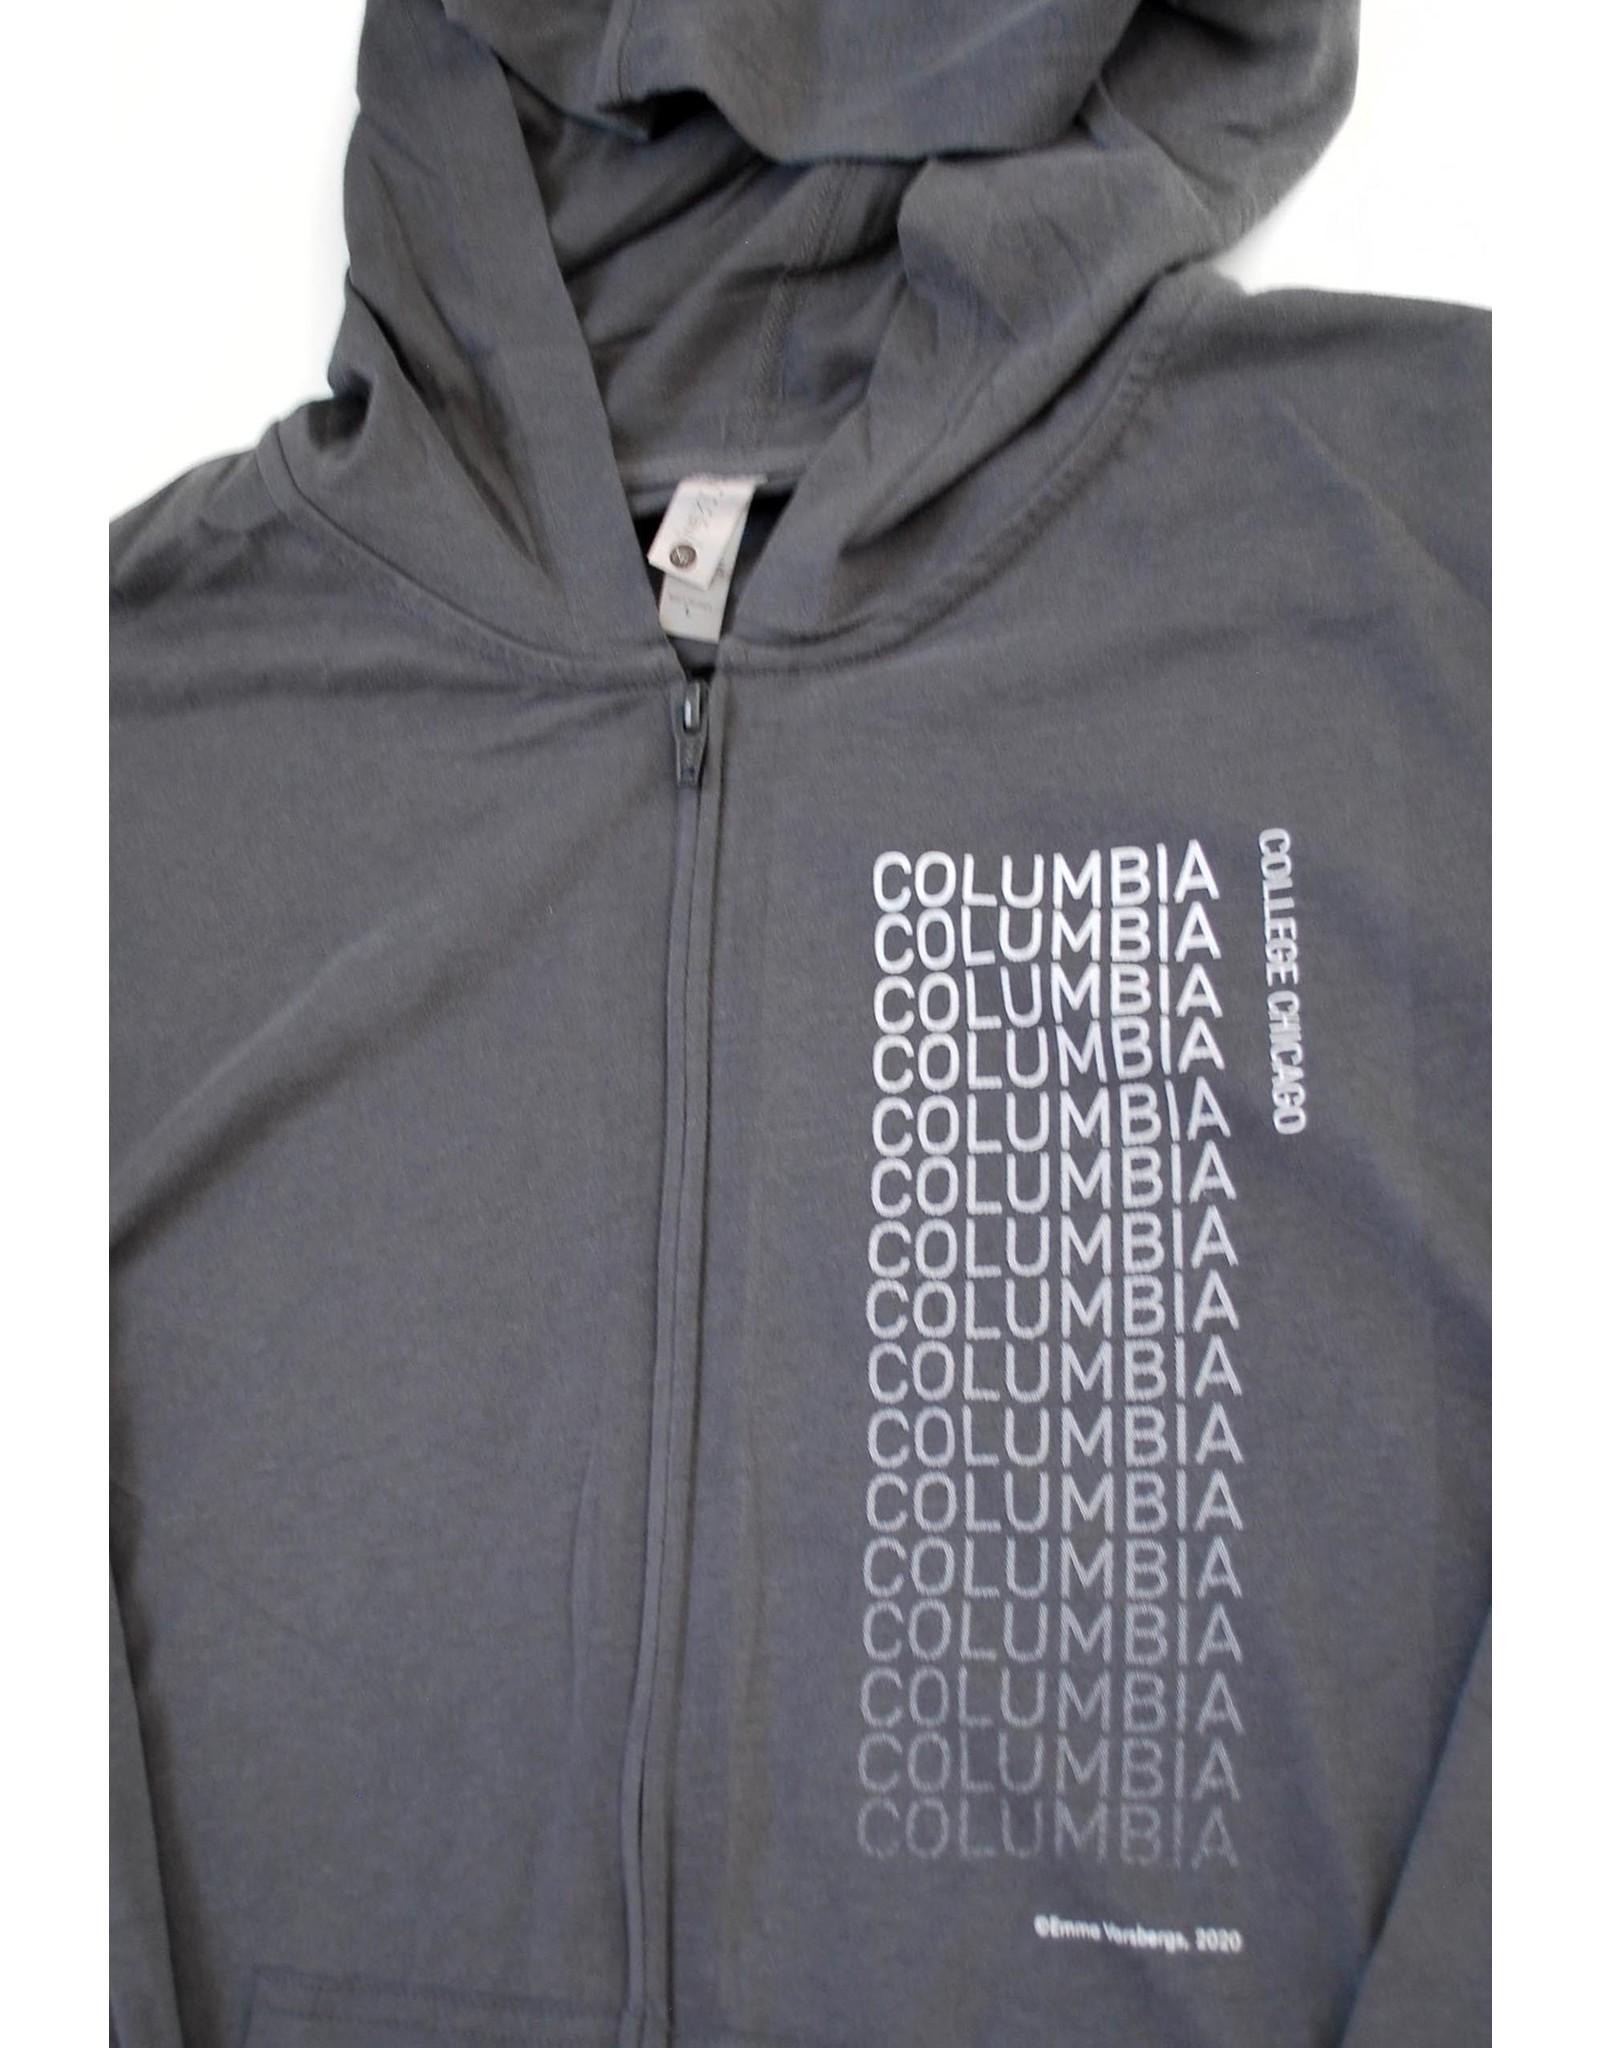 2020 hooded sweatshirt